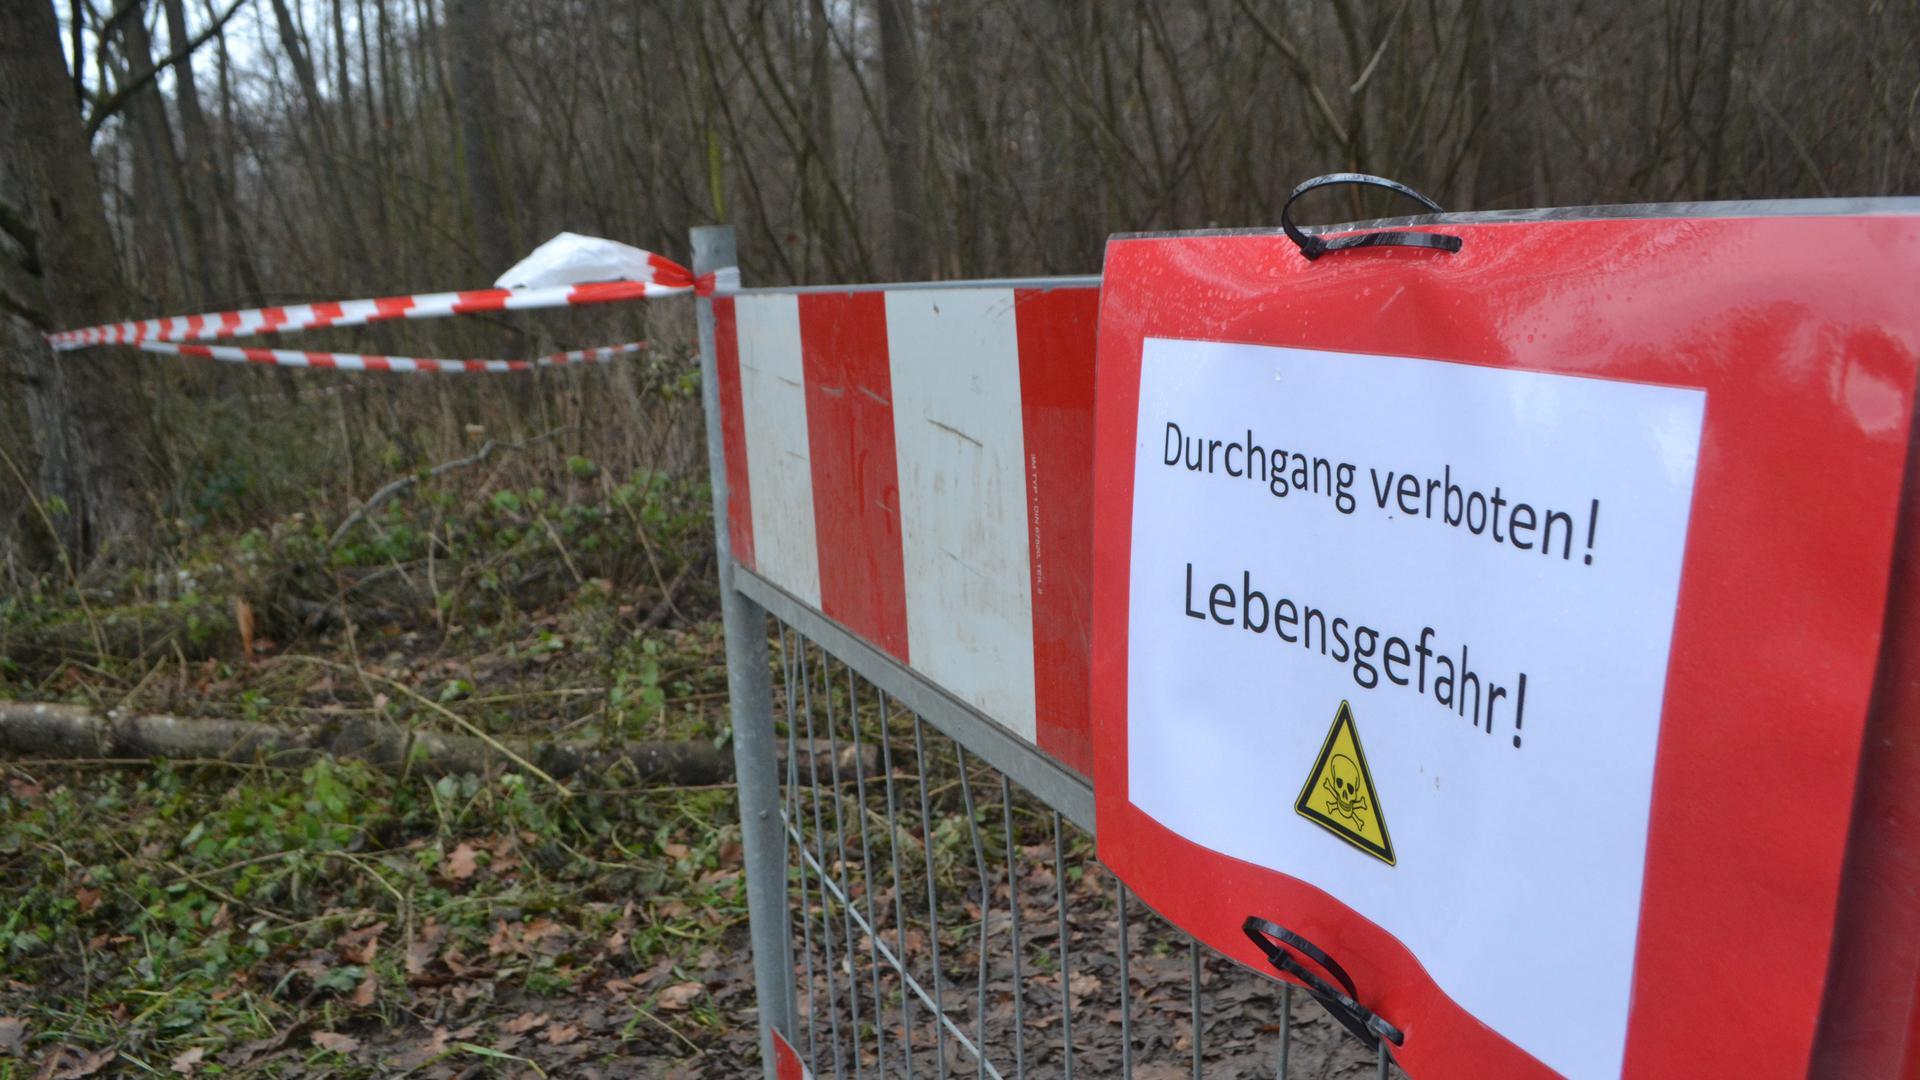 """Absperrband im Wald, Aufschrift: """"Durchgang verboten! Lebensgefahr!"""""""